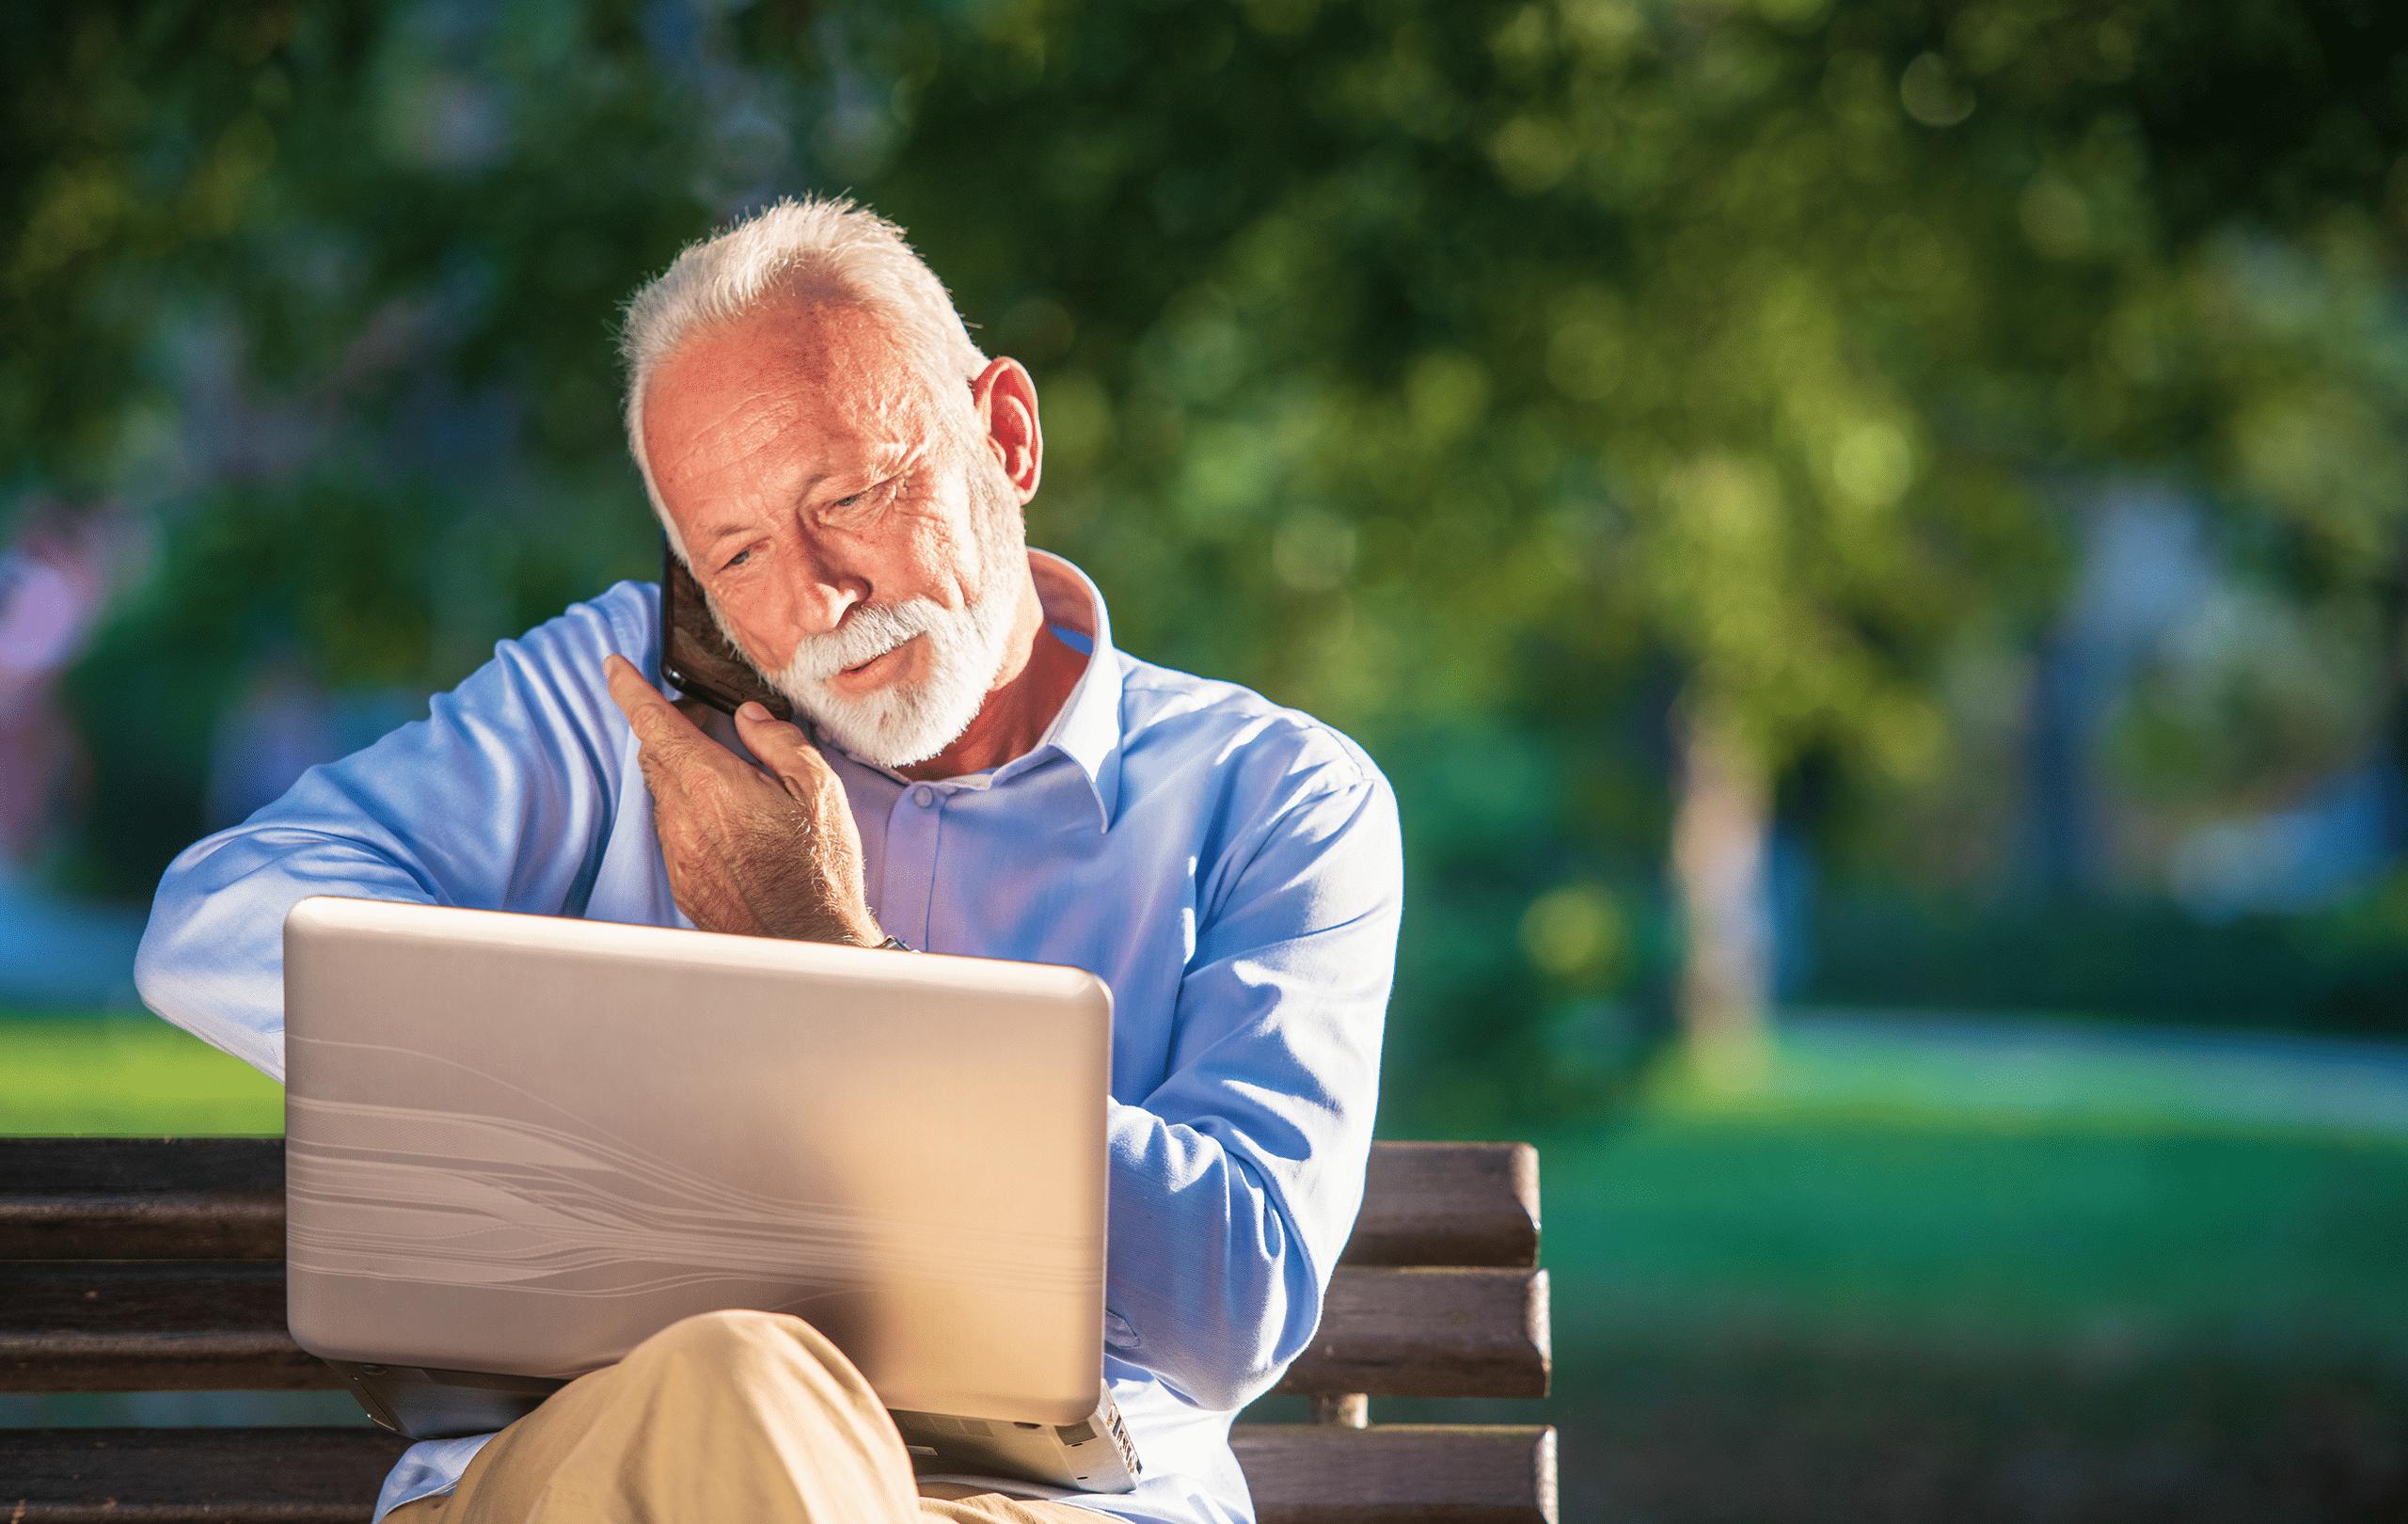 Un homme âgé assis sur un banc de parc, téléphonant et ayant un ordinateur portable à genoux.